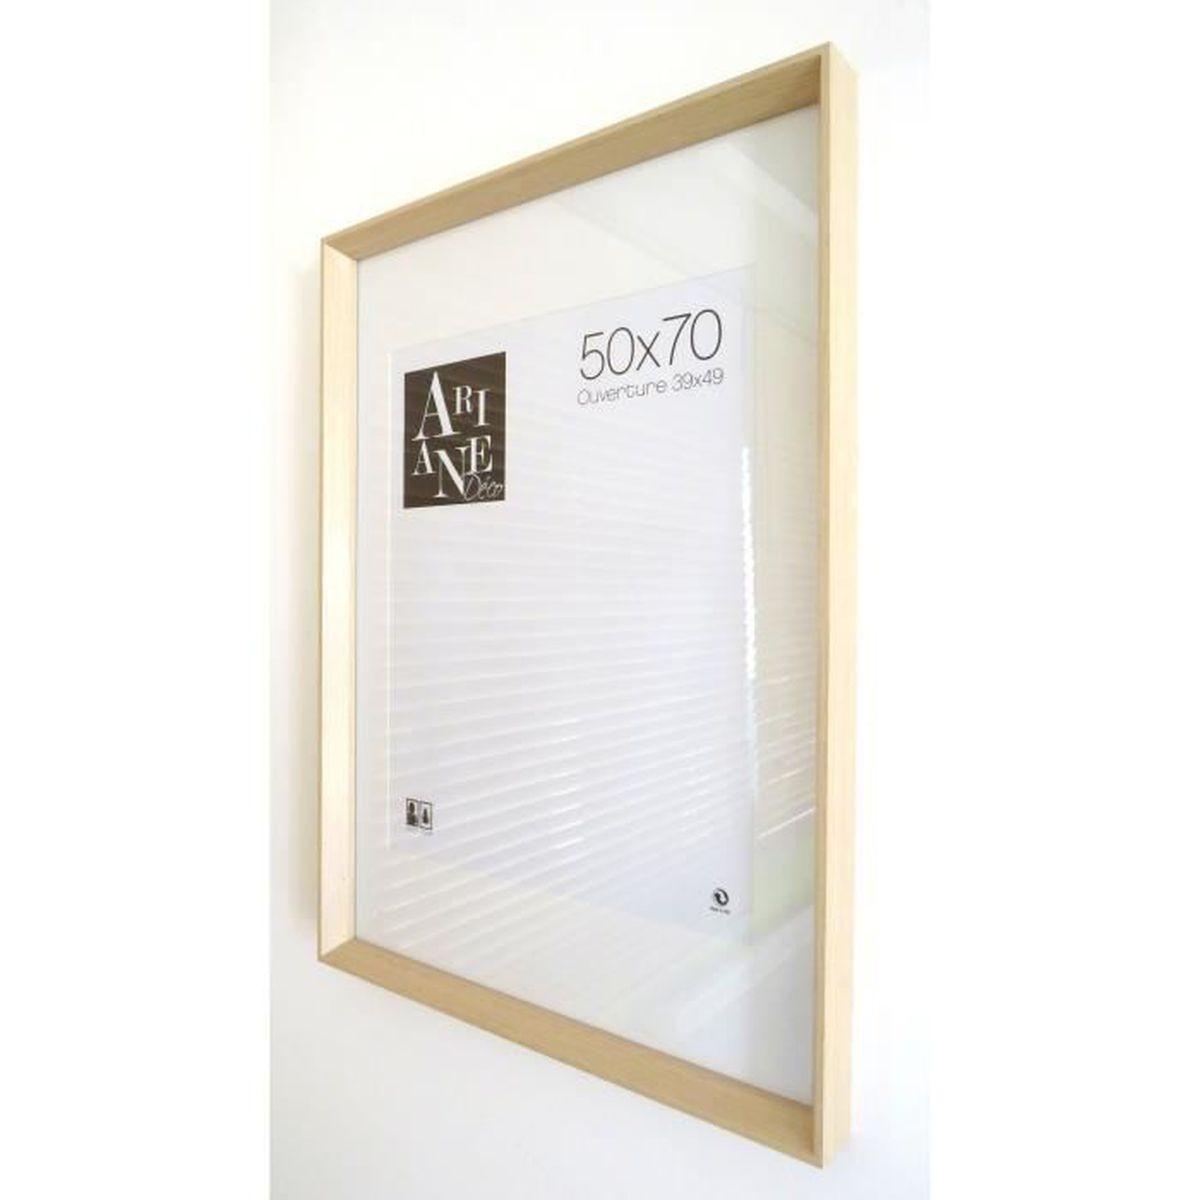 Cadre Photo Cadre Photo Maxi Poster Cadre grand cadre en bois Chêne Noir Blanc